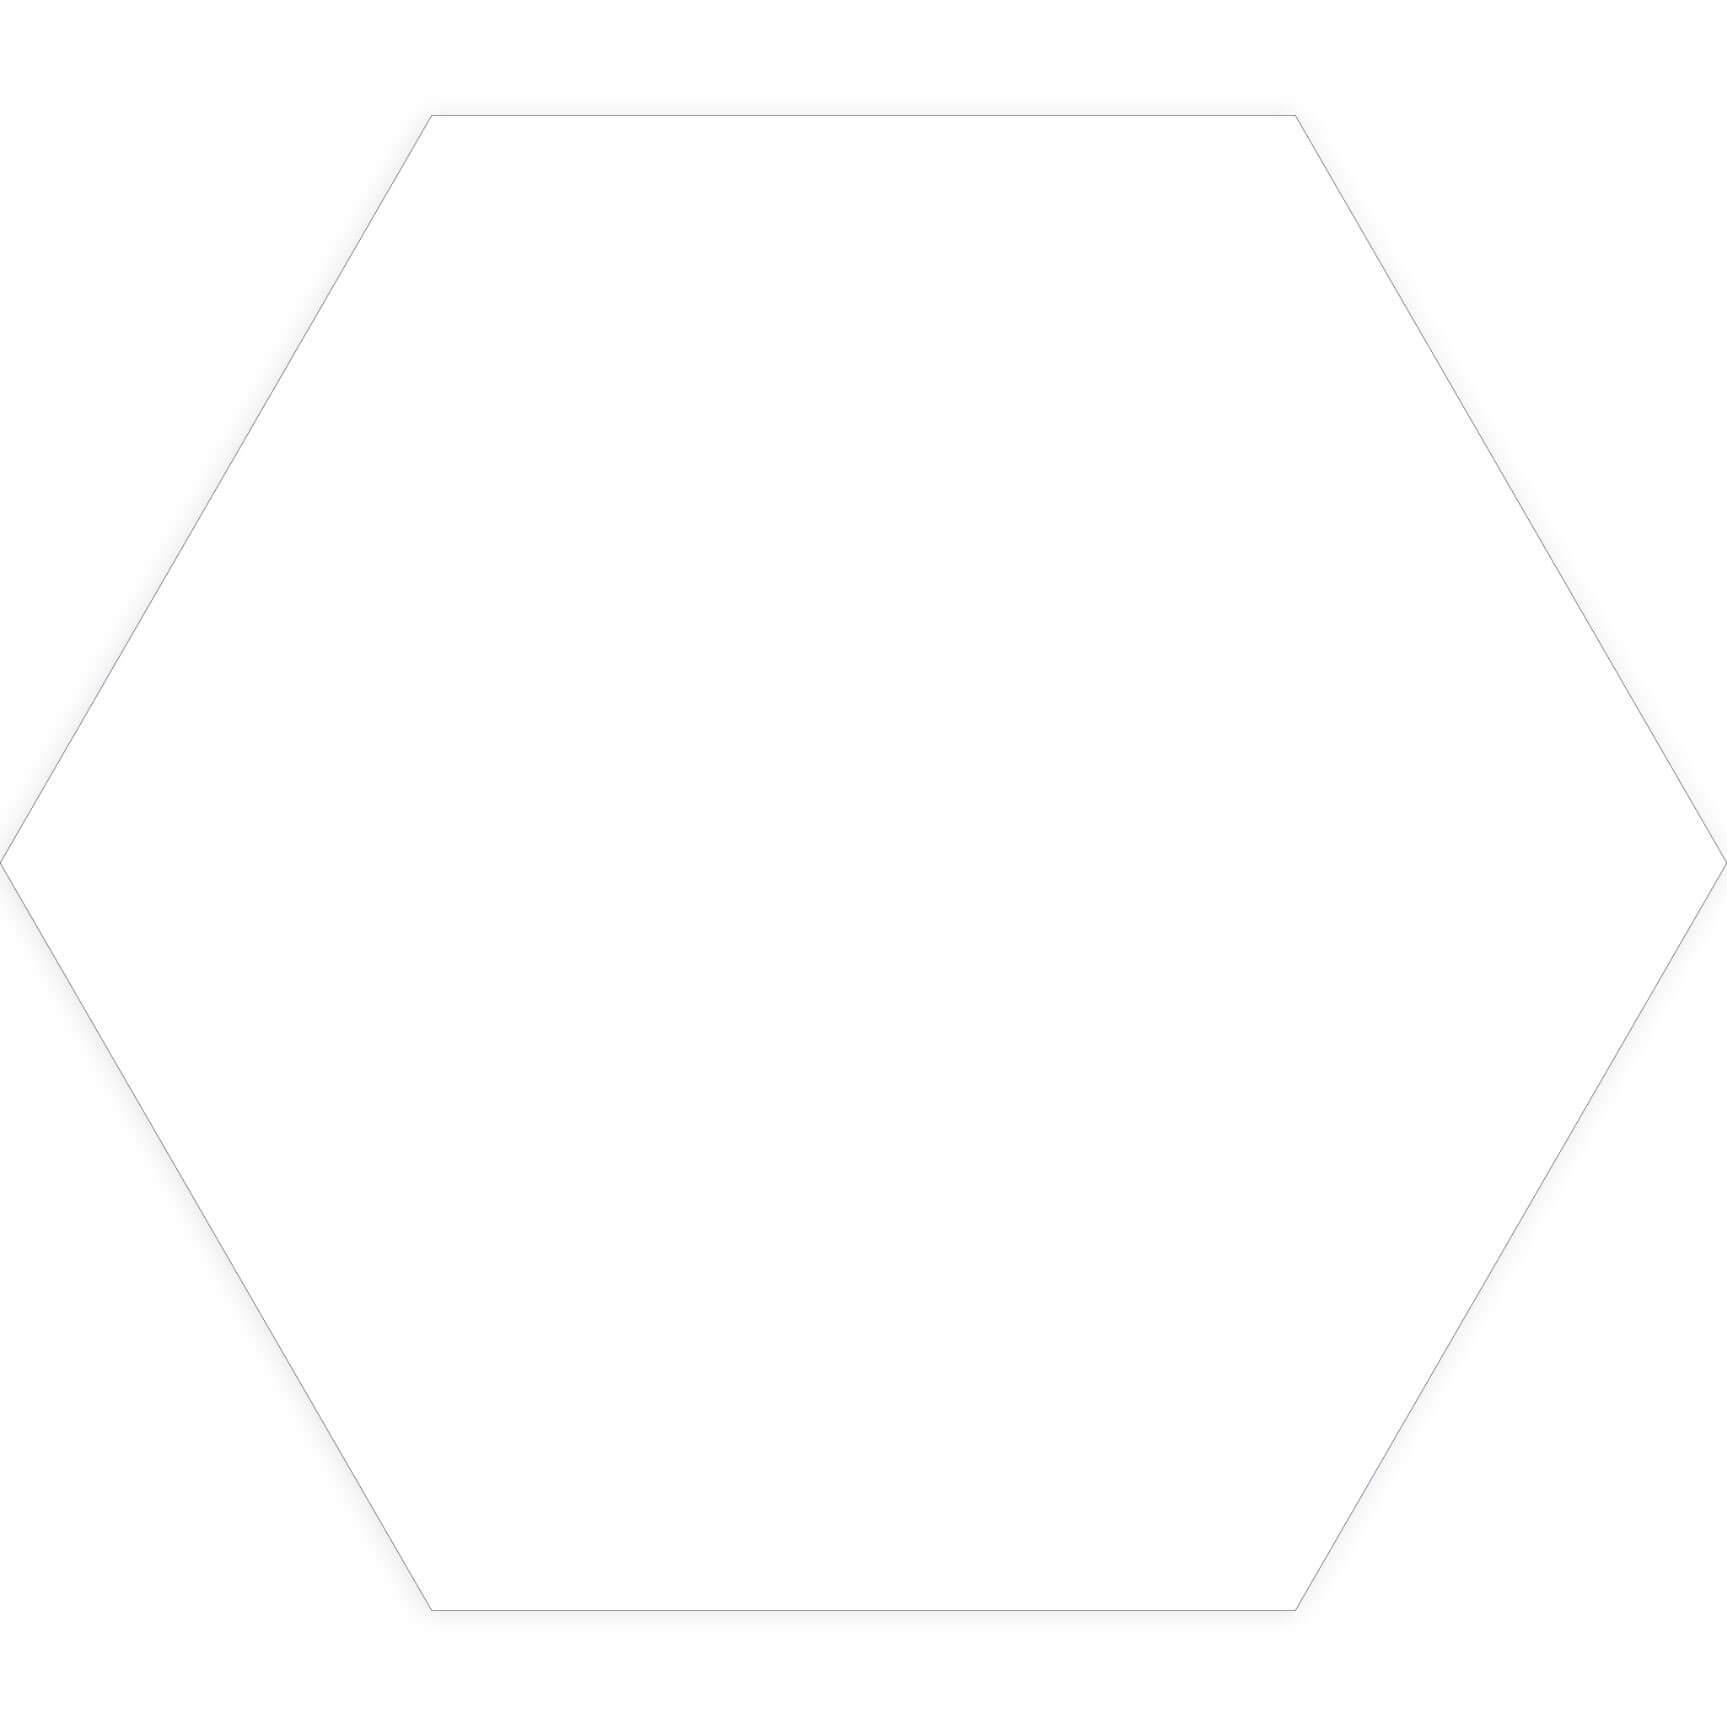 Carrelage hexagonal sol et mur Element Blanc mat aspect tomette 23x27 cm